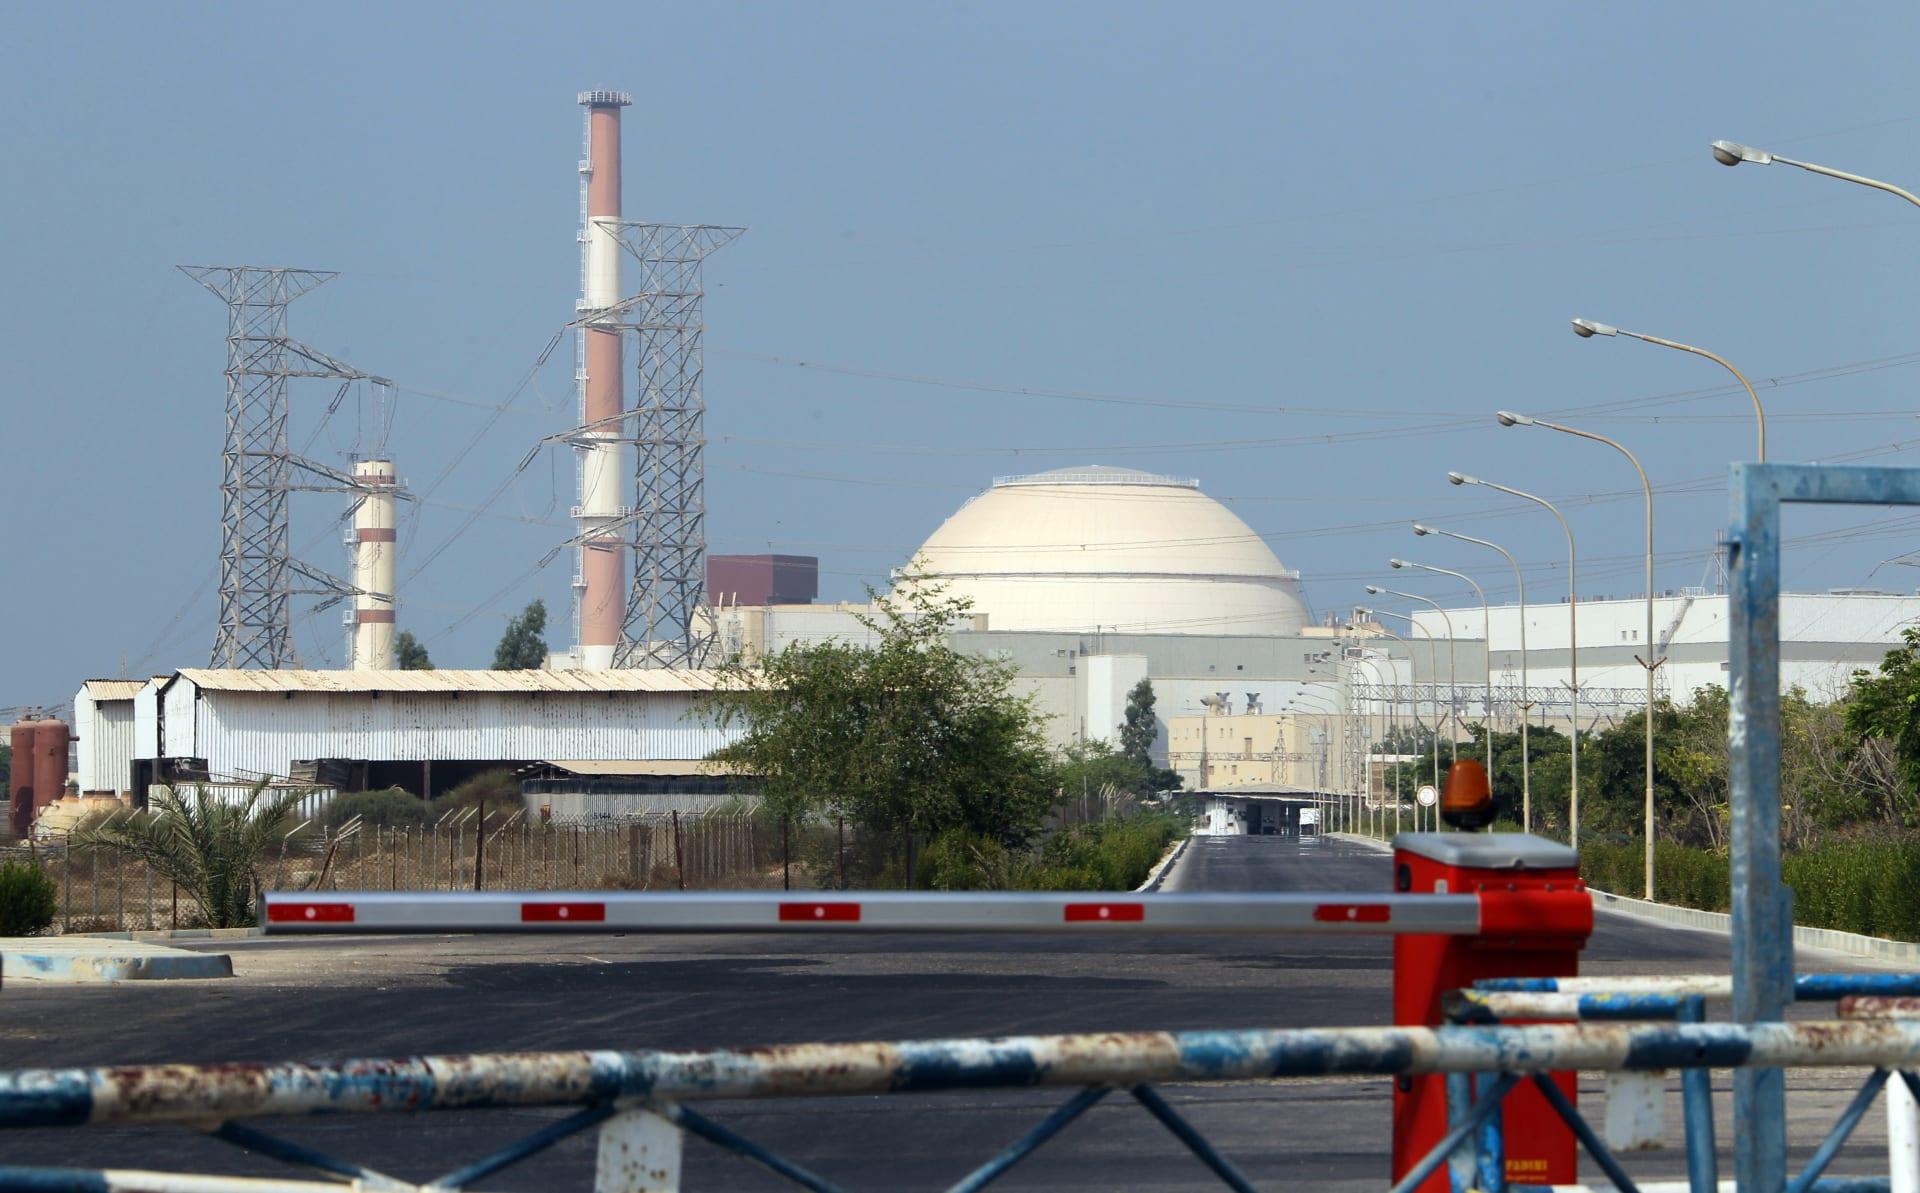 المفاعل في محطة بوشهر للطاقة النووية في جنوب إيران - 20 أغسطس 2010